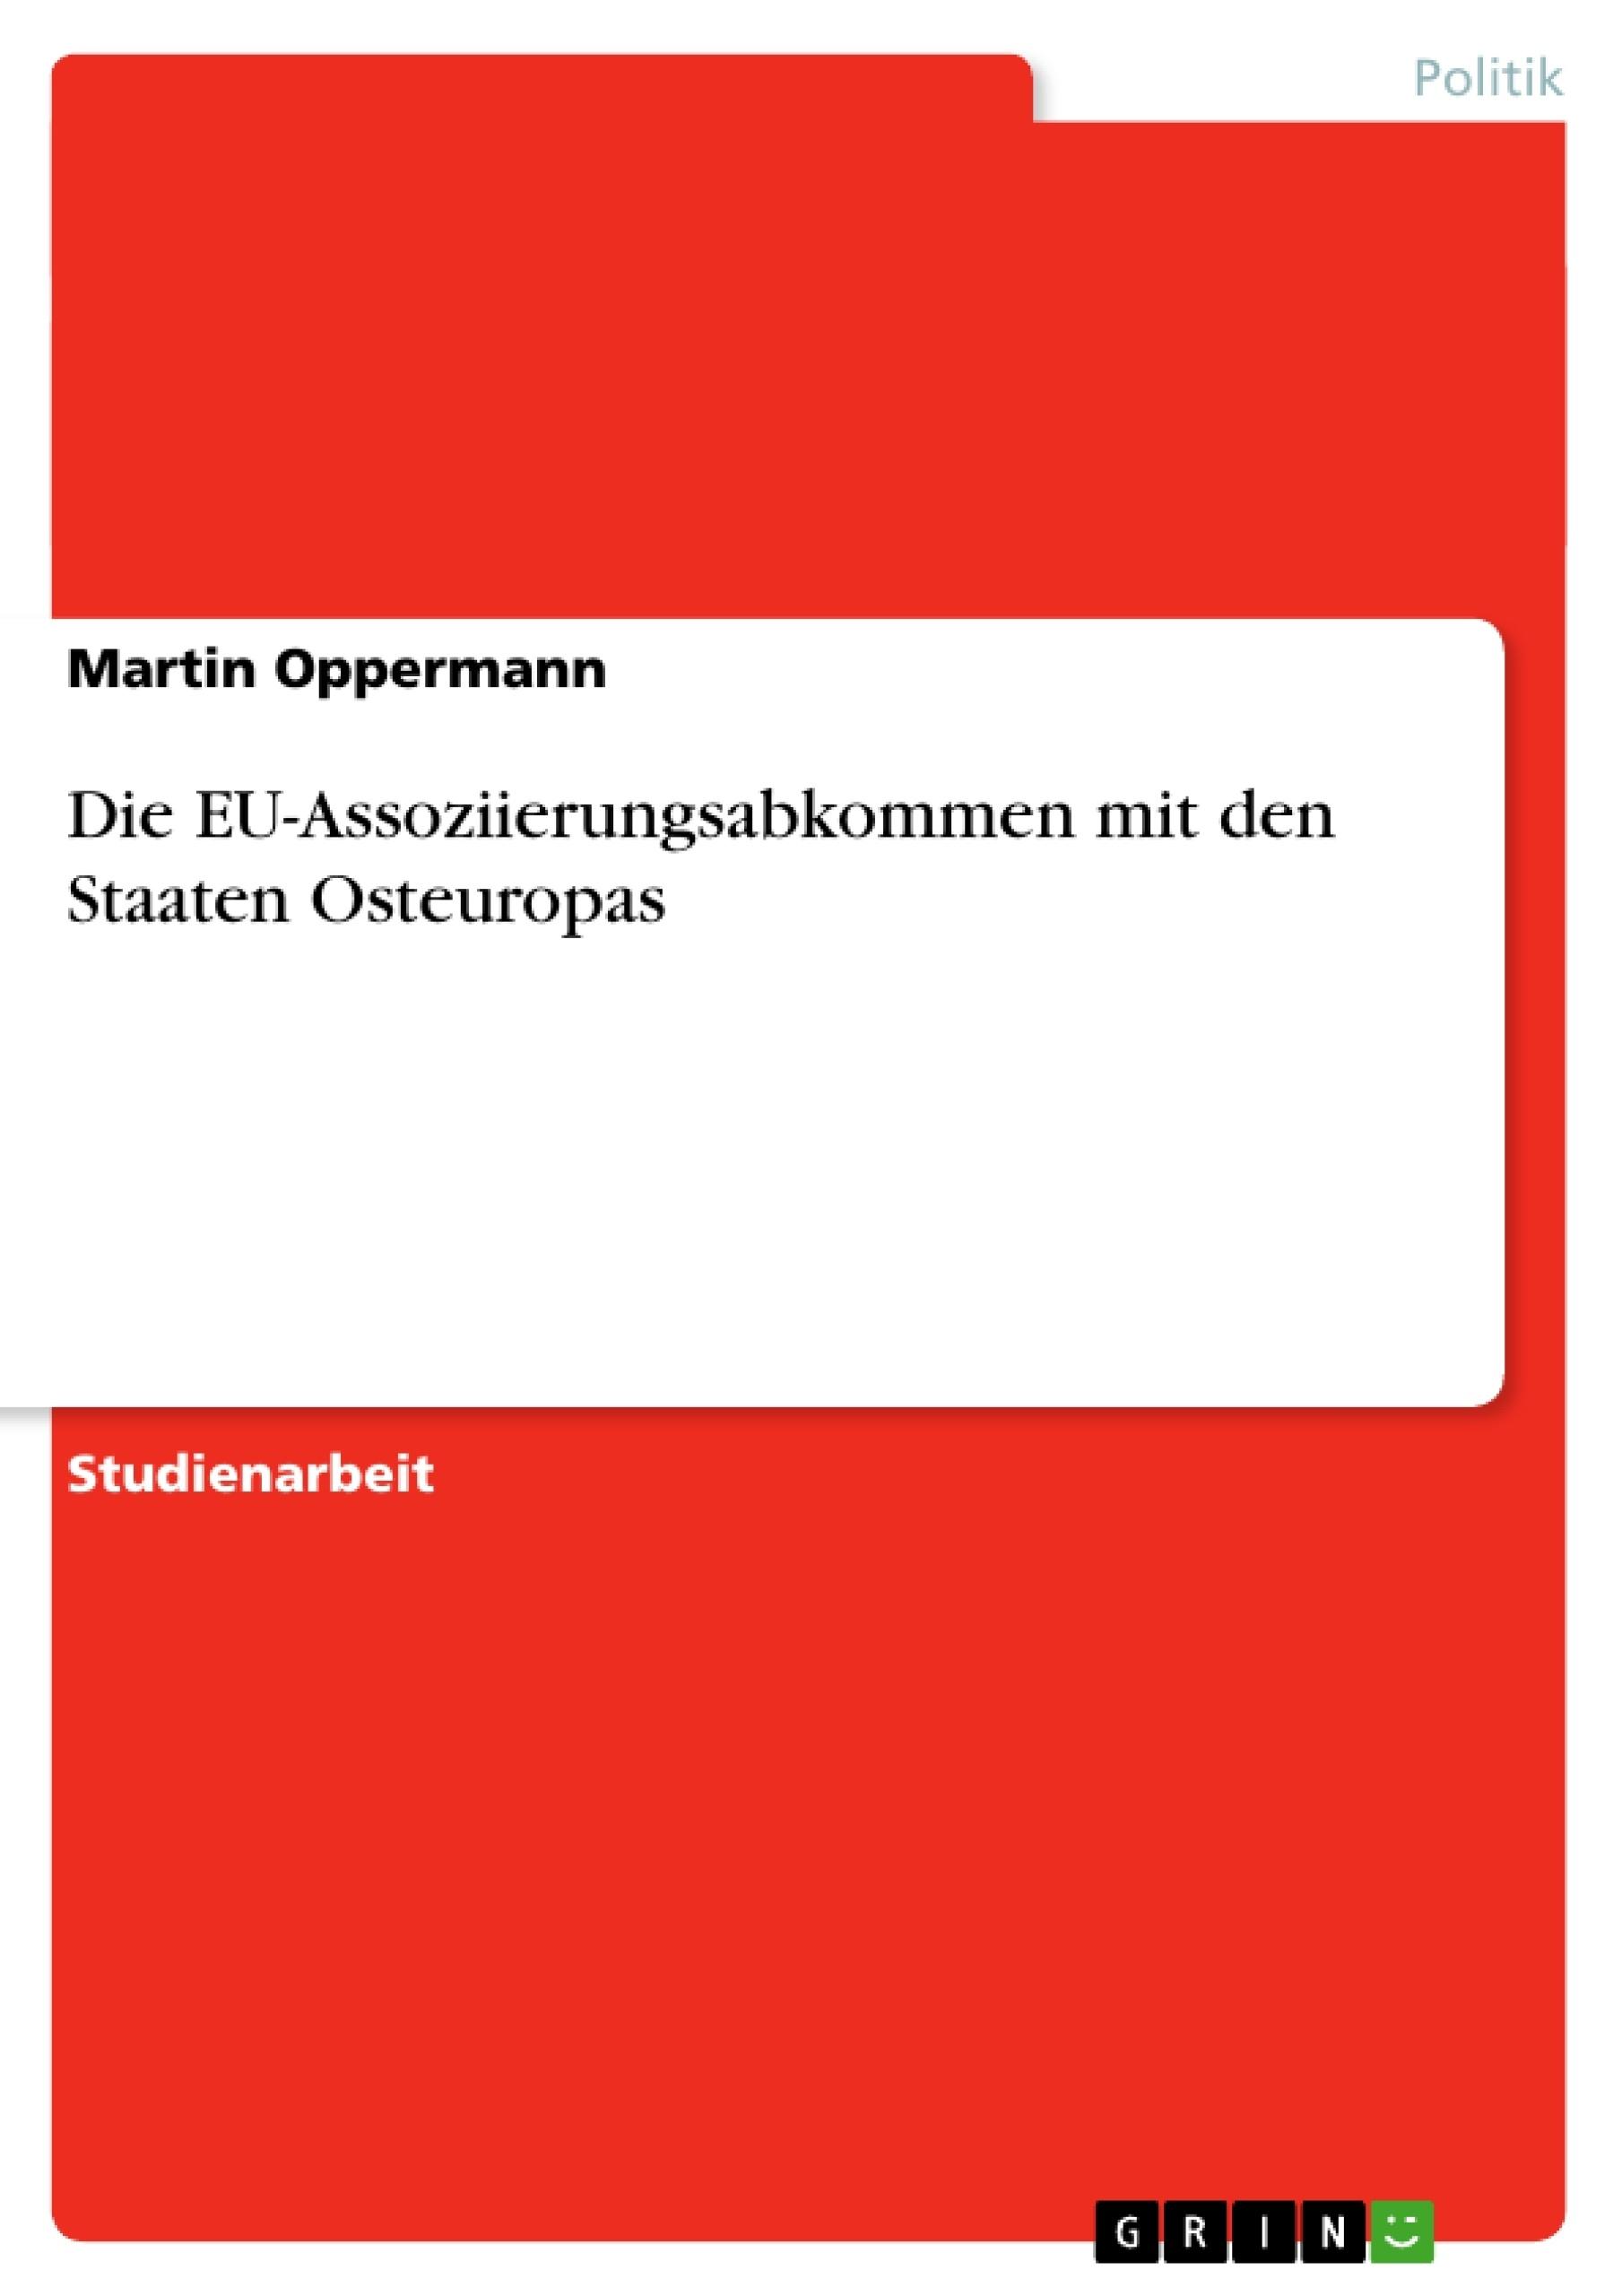 Titel: Die EU-Assoziierungsabkommen mit den Staaten Osteuropas